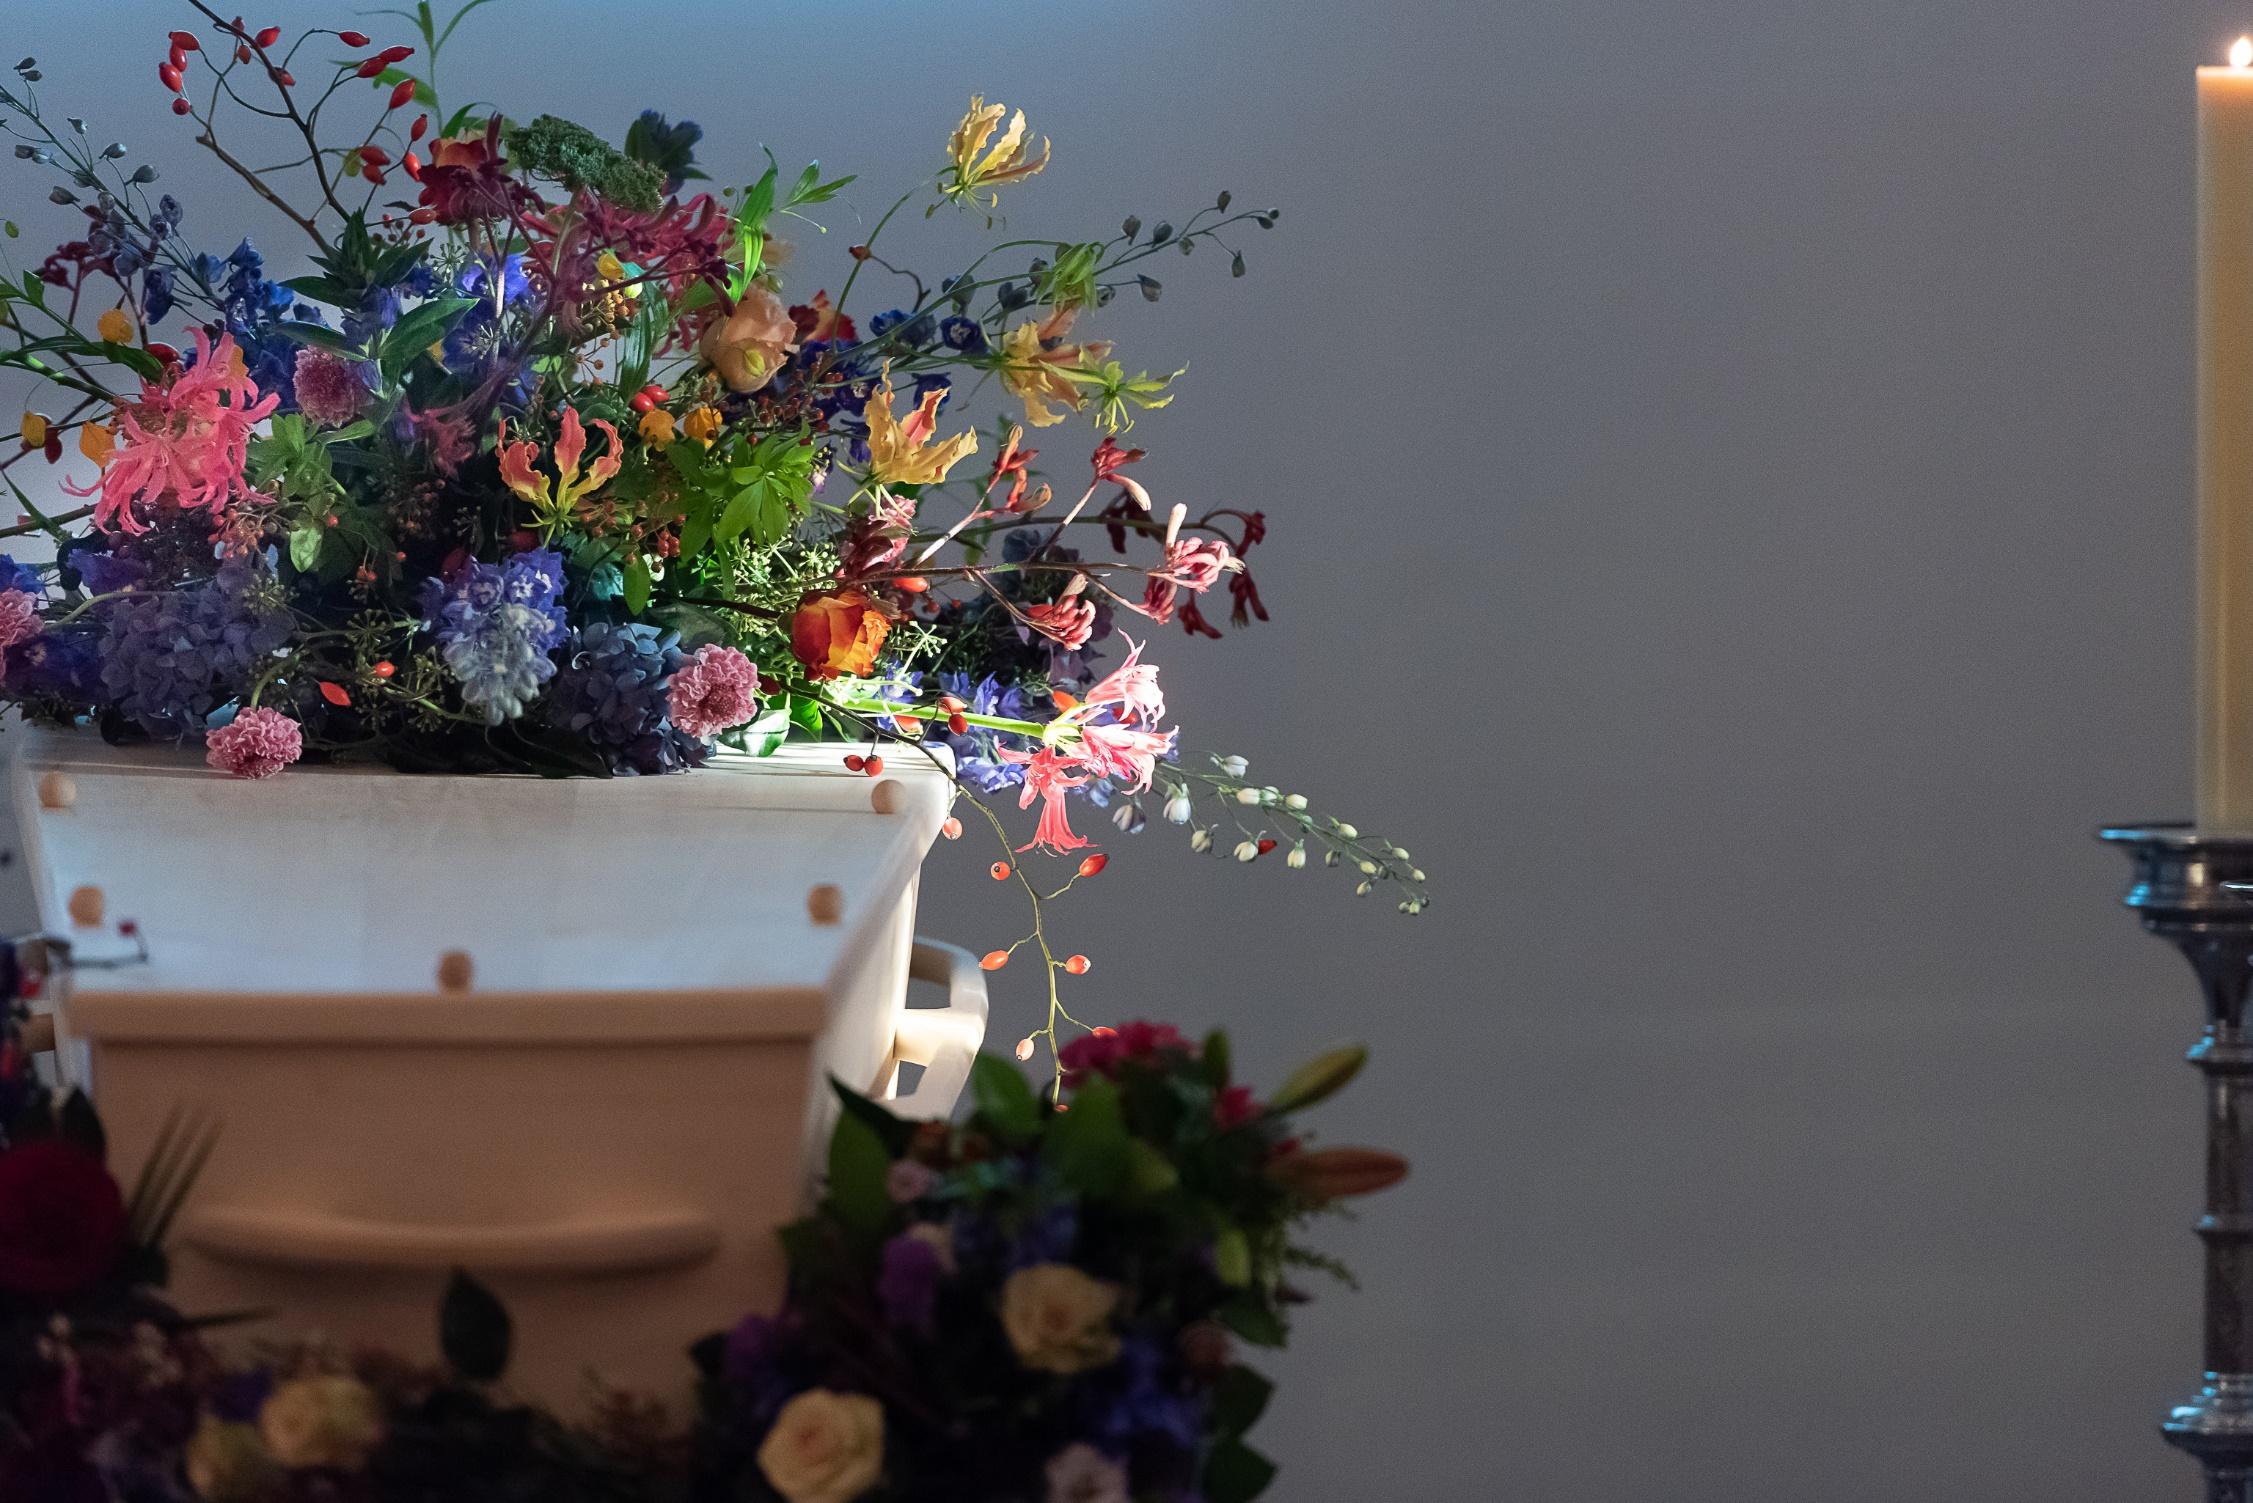 Wat doen we met de bloemen?